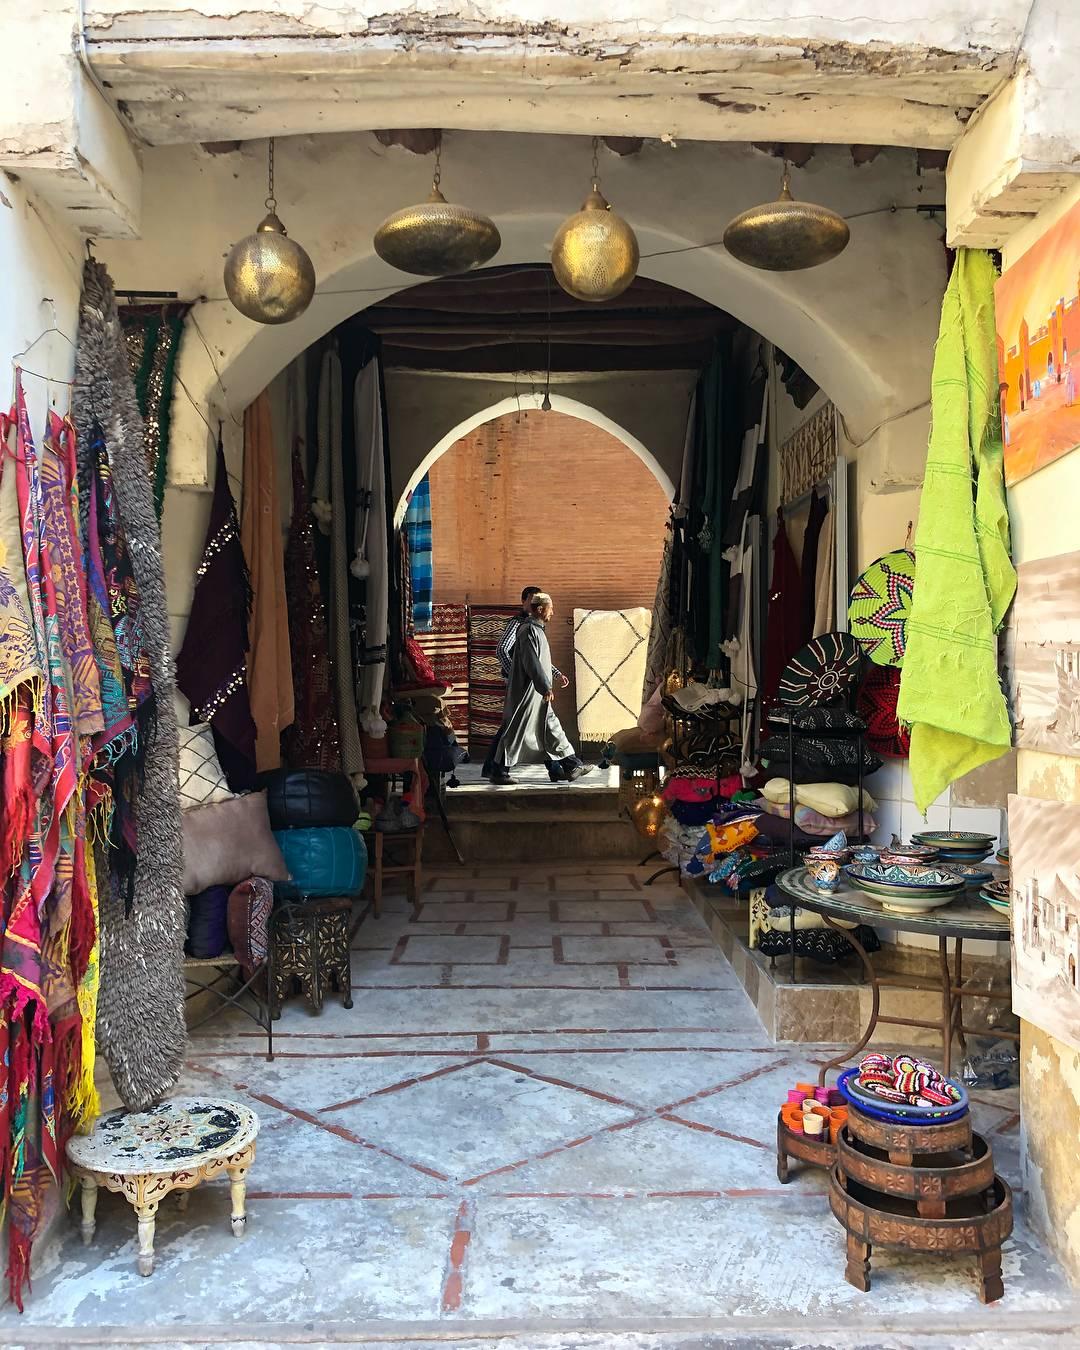 marrocos- vempromarrocos-marrakech- passeios- agencia de viagens -marrocos- marraquexe